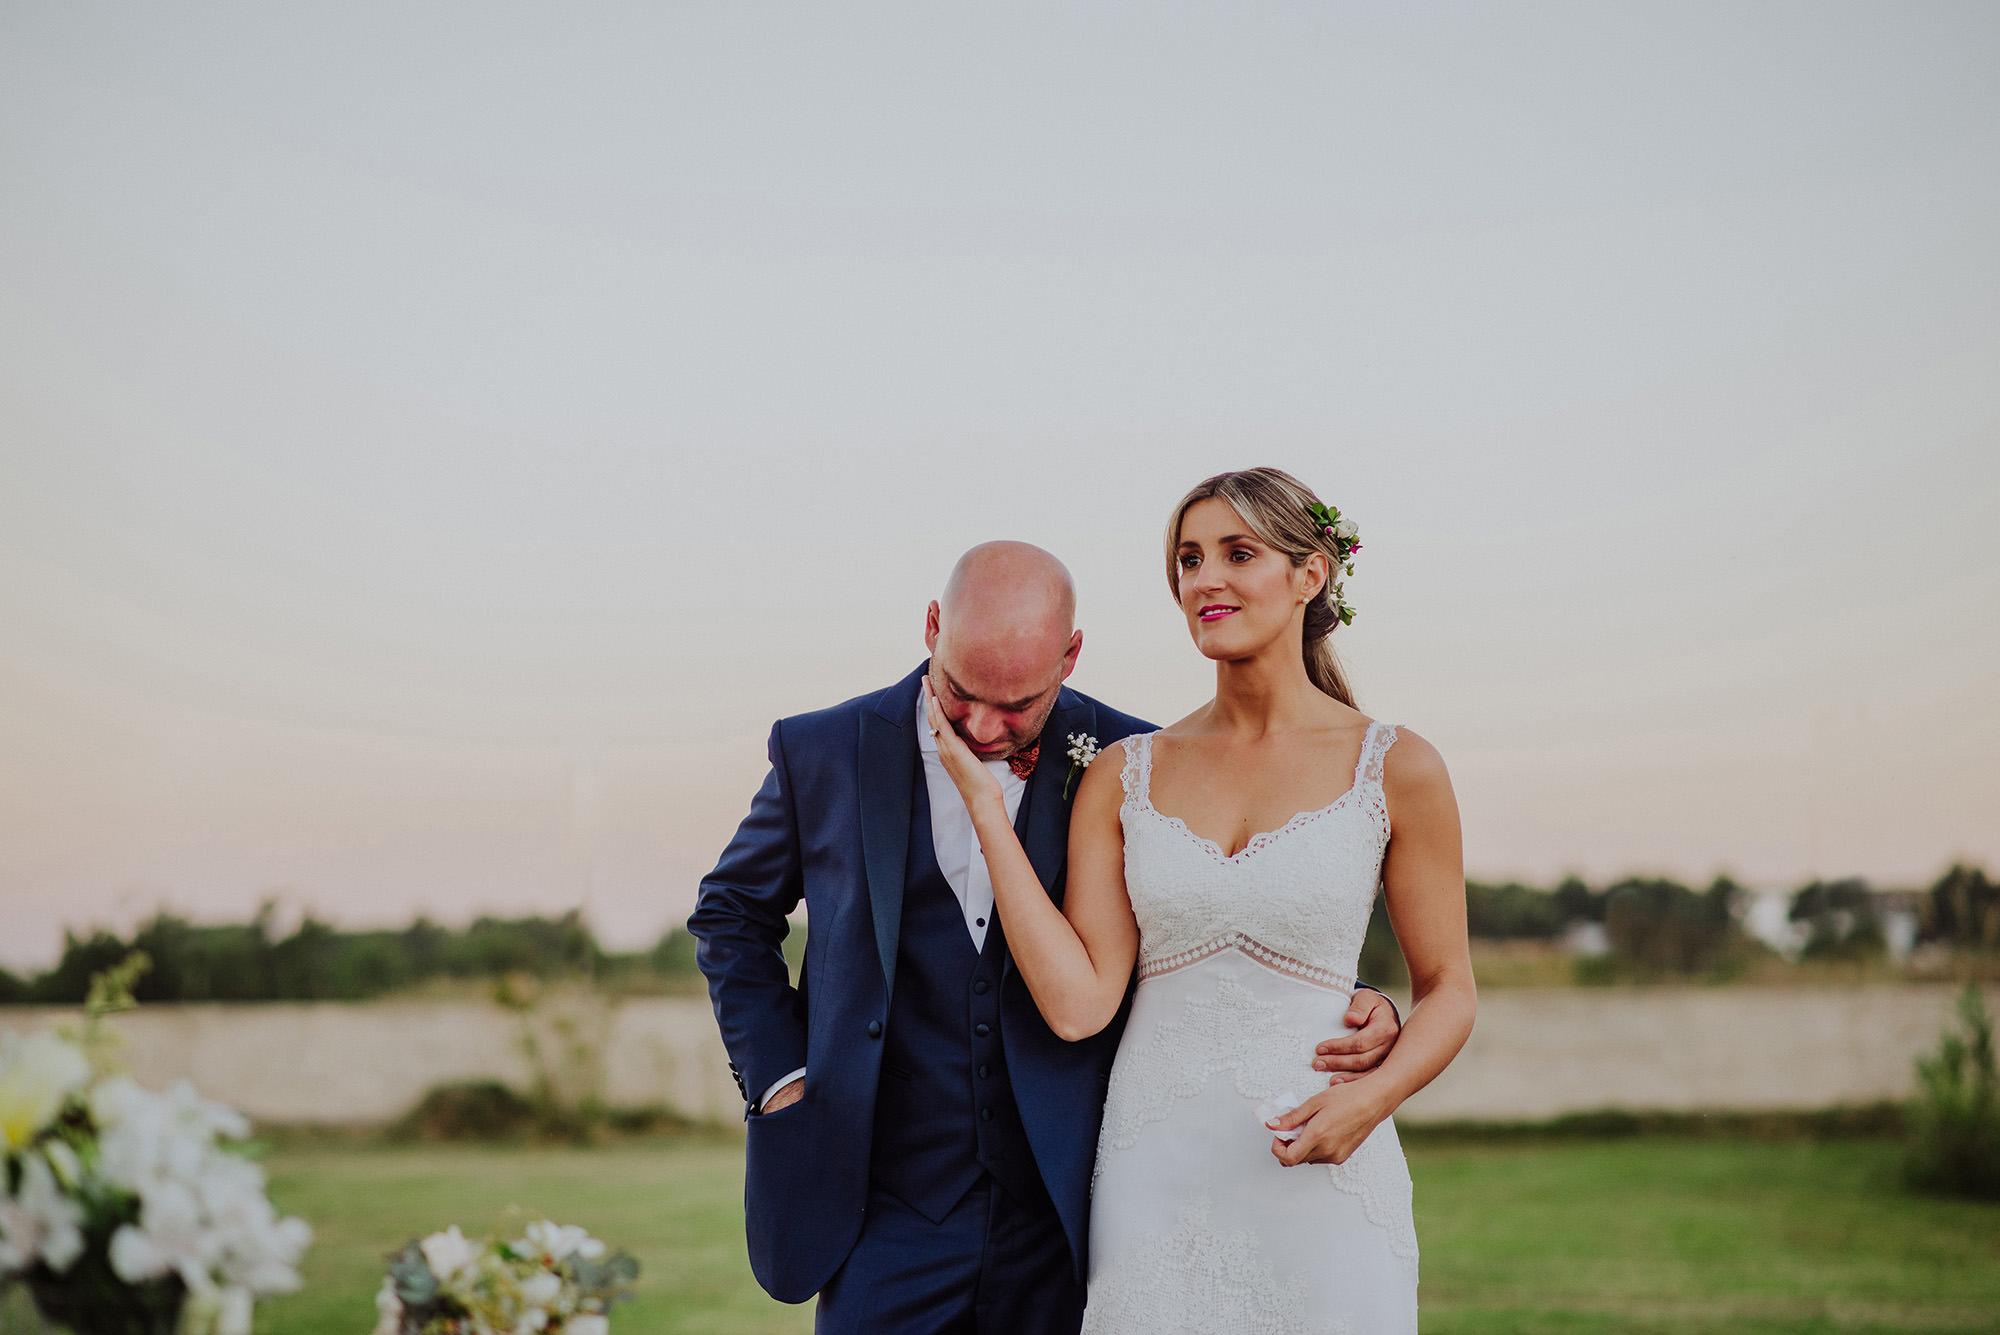 fotografos-de-casamientos-uruguay-6